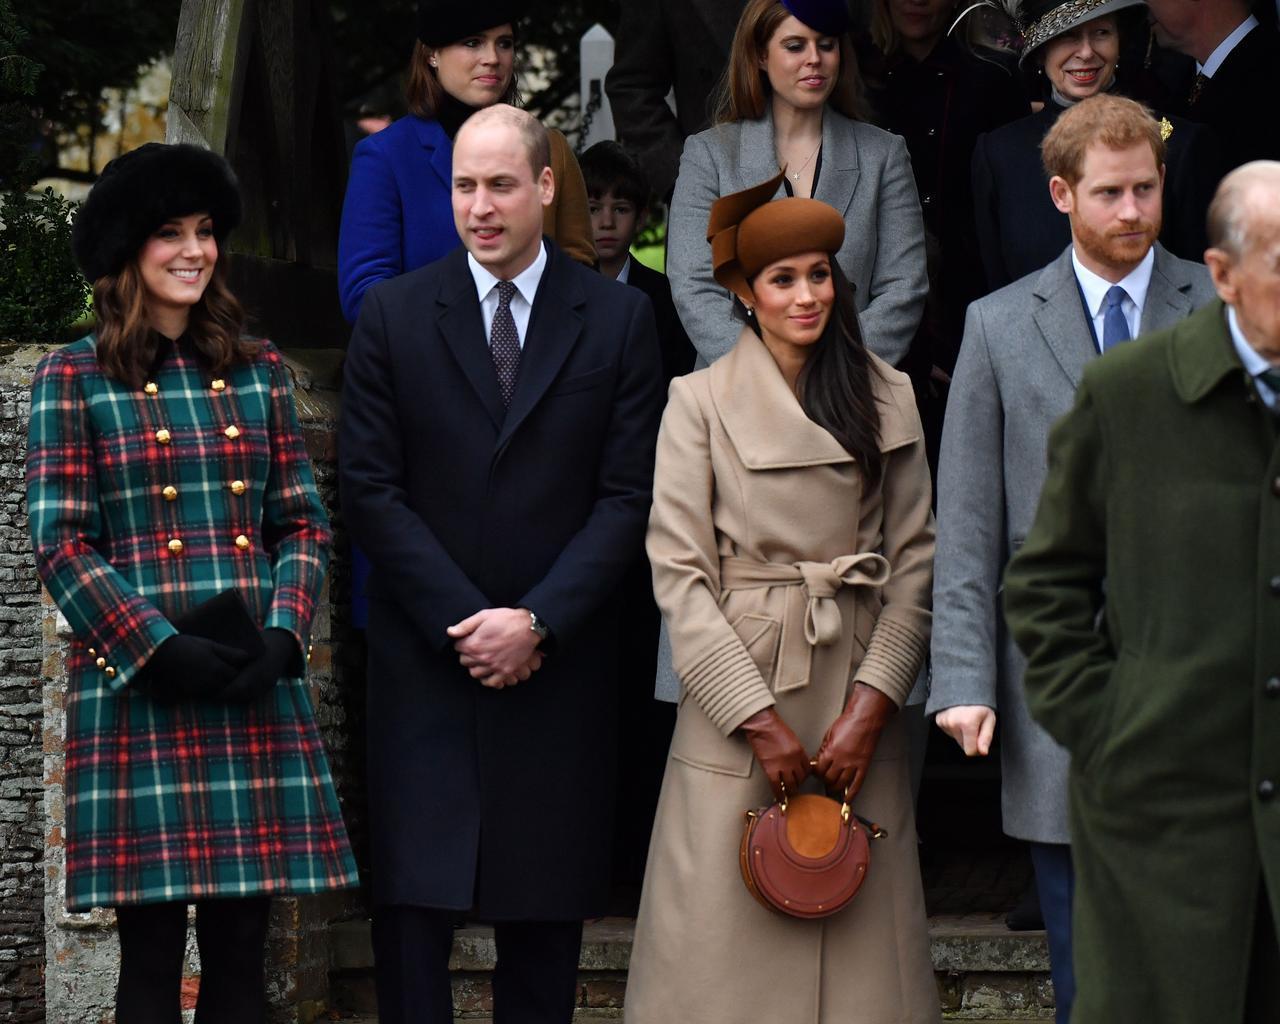 画像1: キャサリン妃とのショットも!ヘンリー王子の婚約者メーガン、英王室の恒例行事に参加